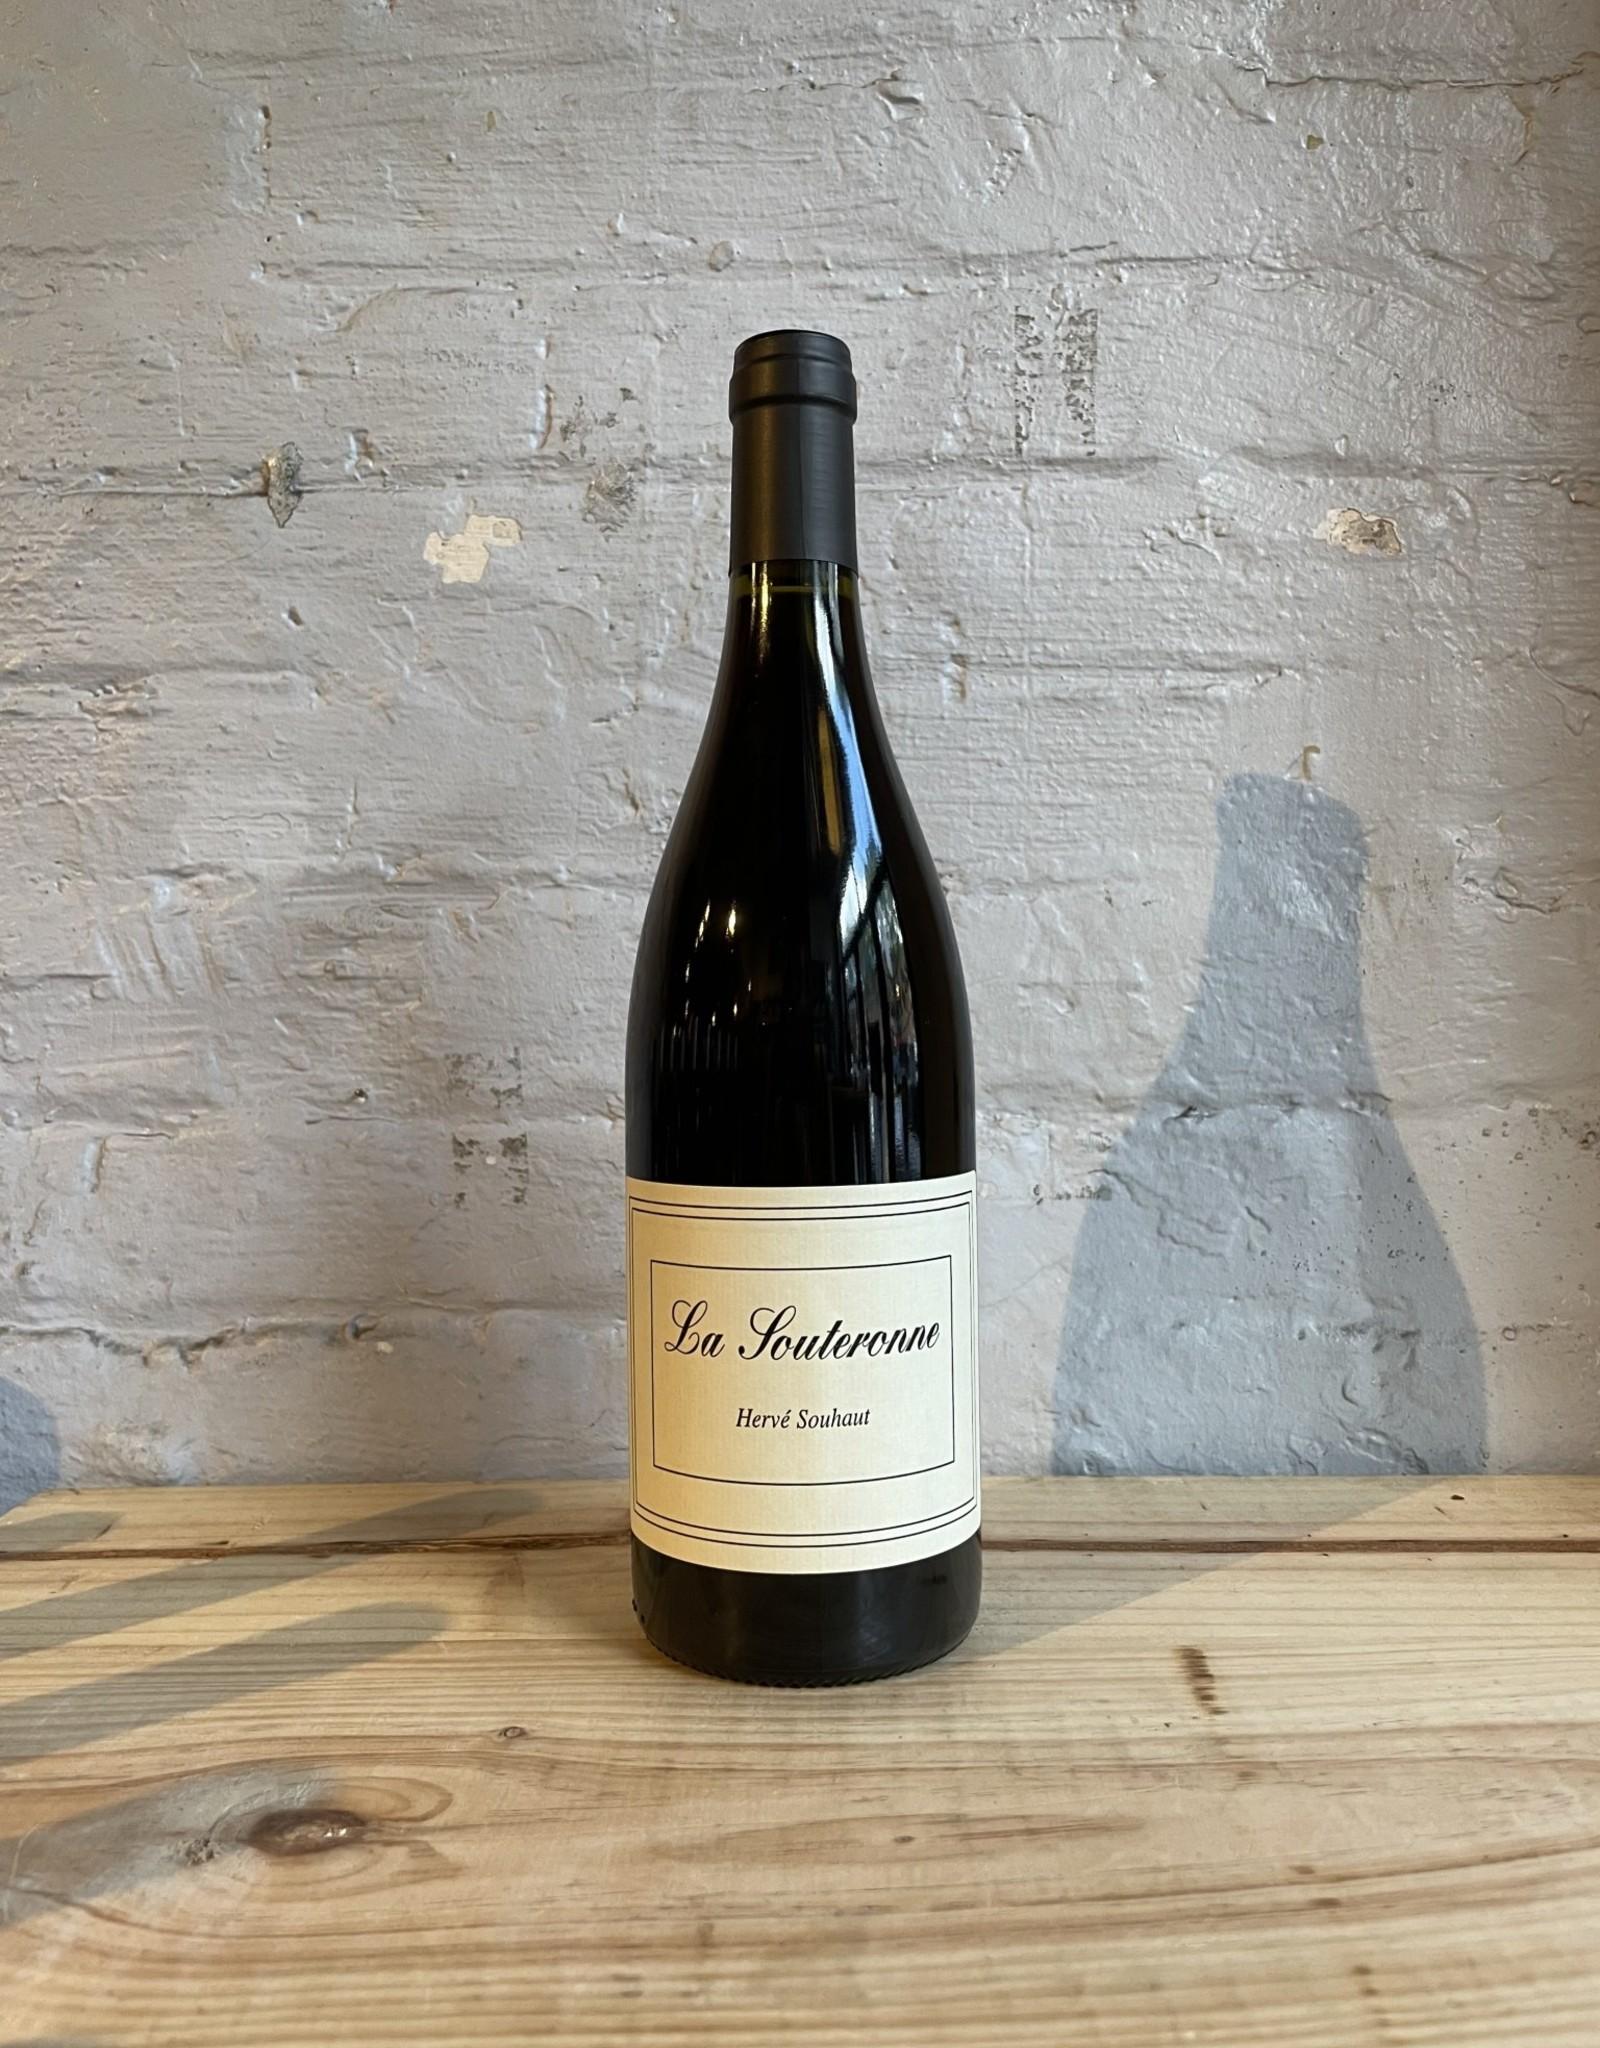 Wine 2020 Herve Souhaut Romaneaux-Destezet Gamay La Souteronne - Ardeche, France (750ml)